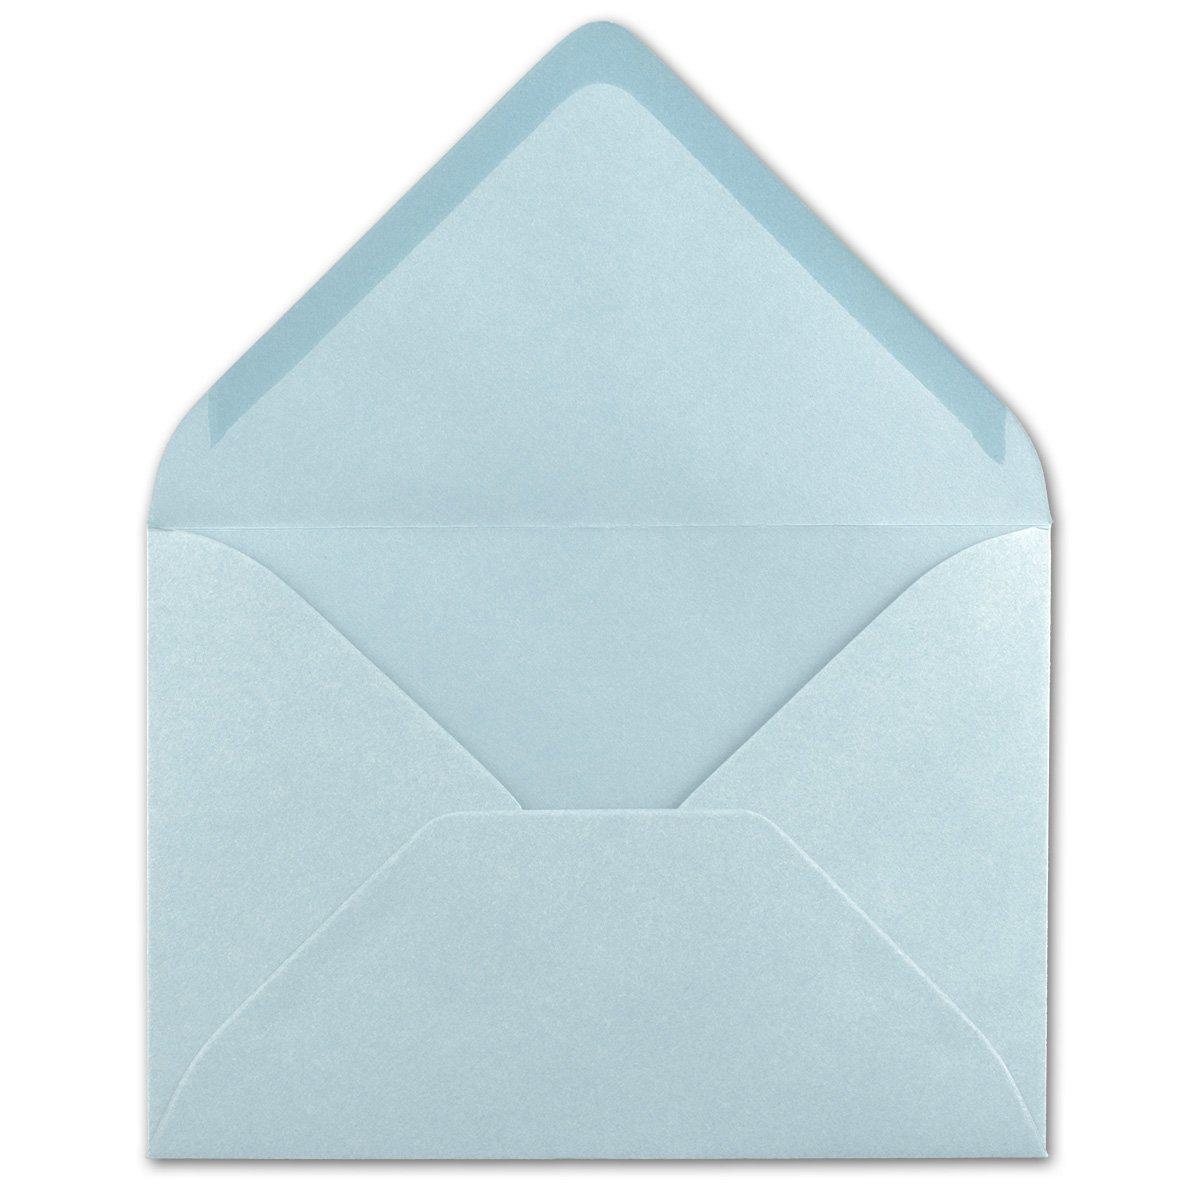 Serie FarbenFroh/® Gru/ßkarten 25 St/ück Nassklebung ohne Fenster Weihnachten DIN C5 Kuverts 22,0 x 15,4 cm Brief-Umschl/äge in Hellblau